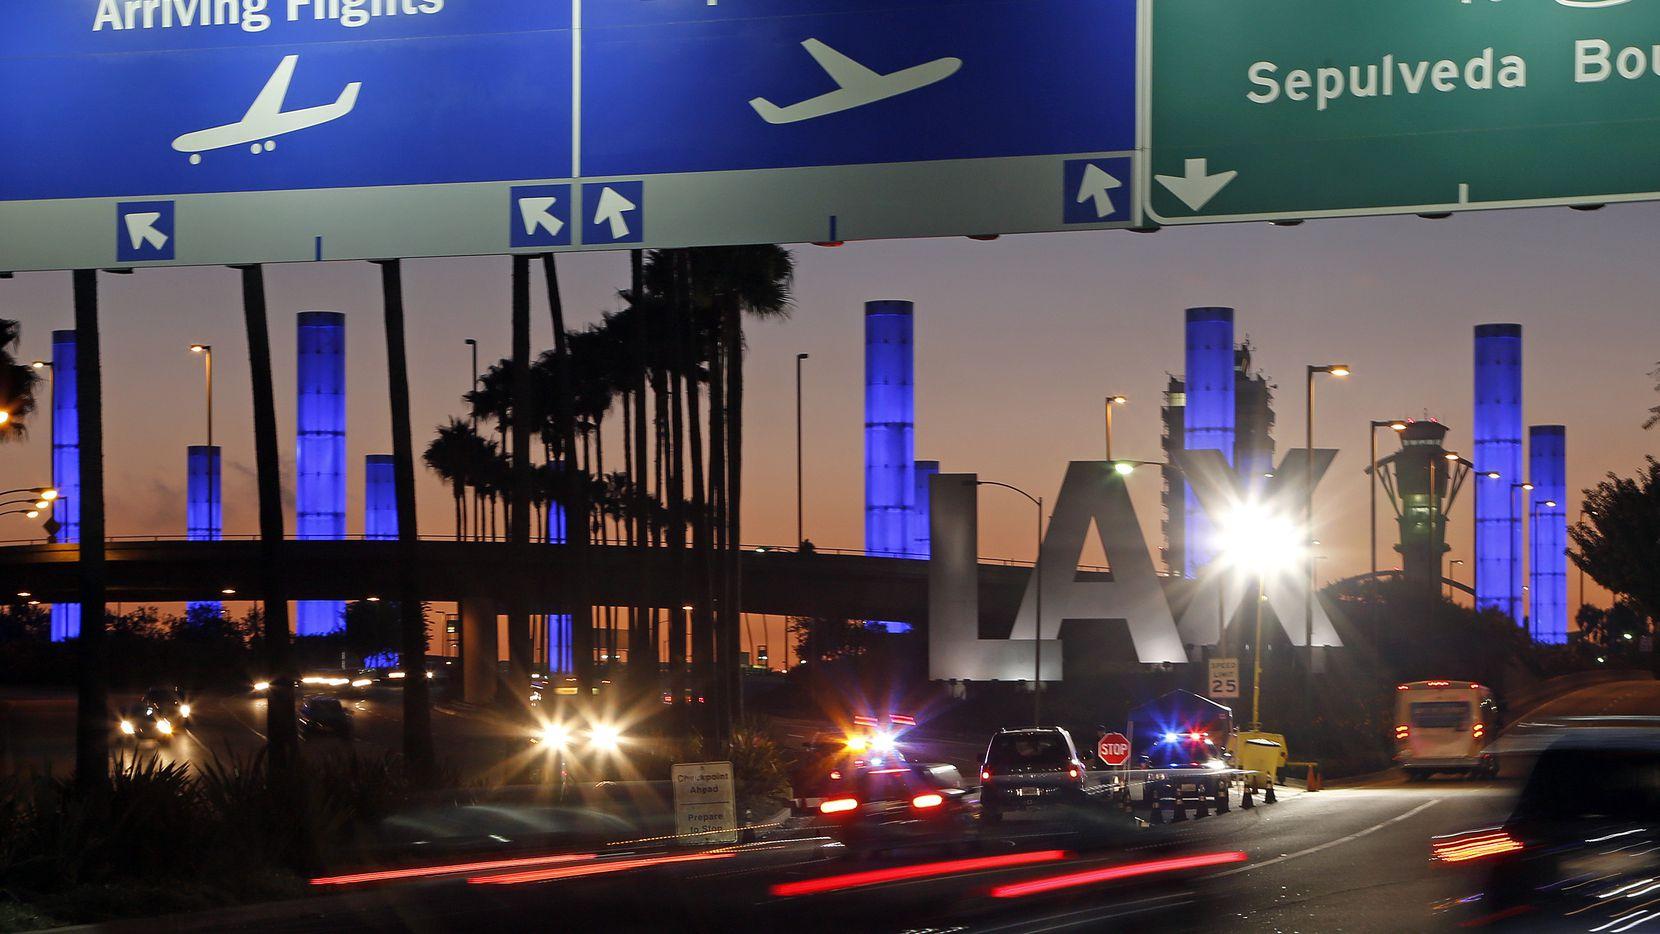 La entrada al Aeropuerto Internacional de Los Ángeles, uno de los más congestionados para viajes a Asia y otros destinos internacionales.